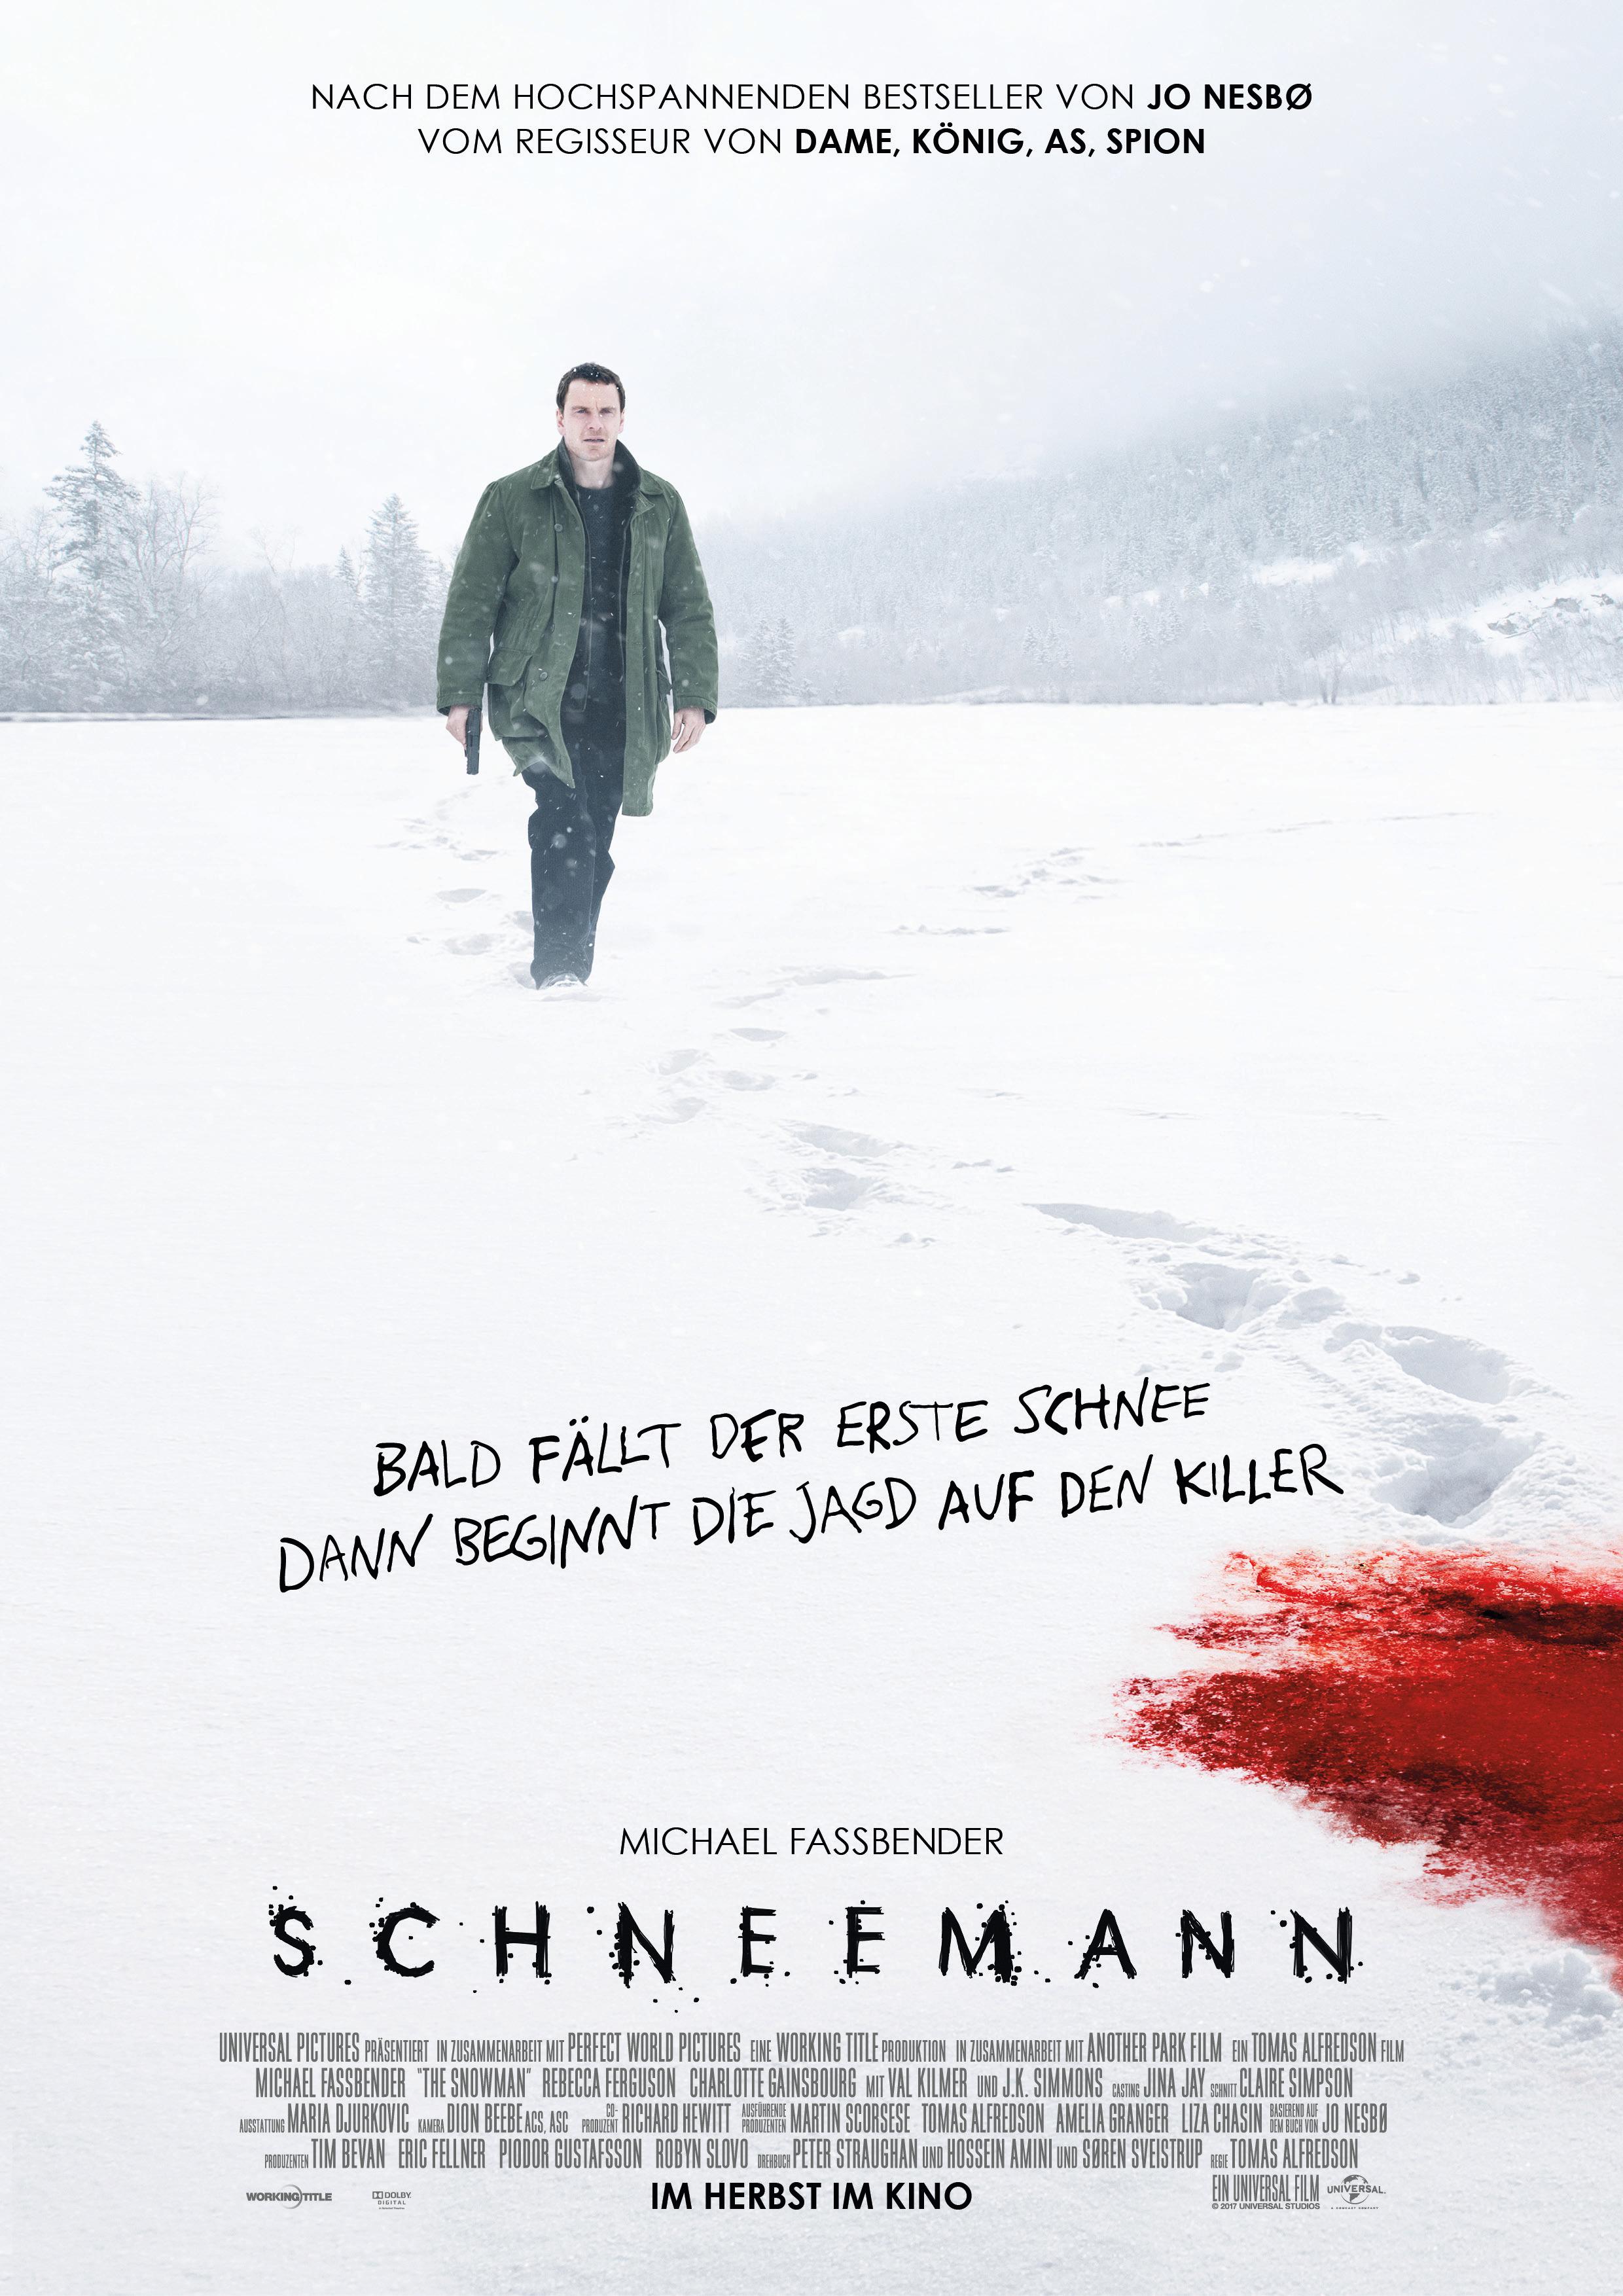 Großzügig Frostig Das Schneemann Malbuch Fotos - Druckbare ...